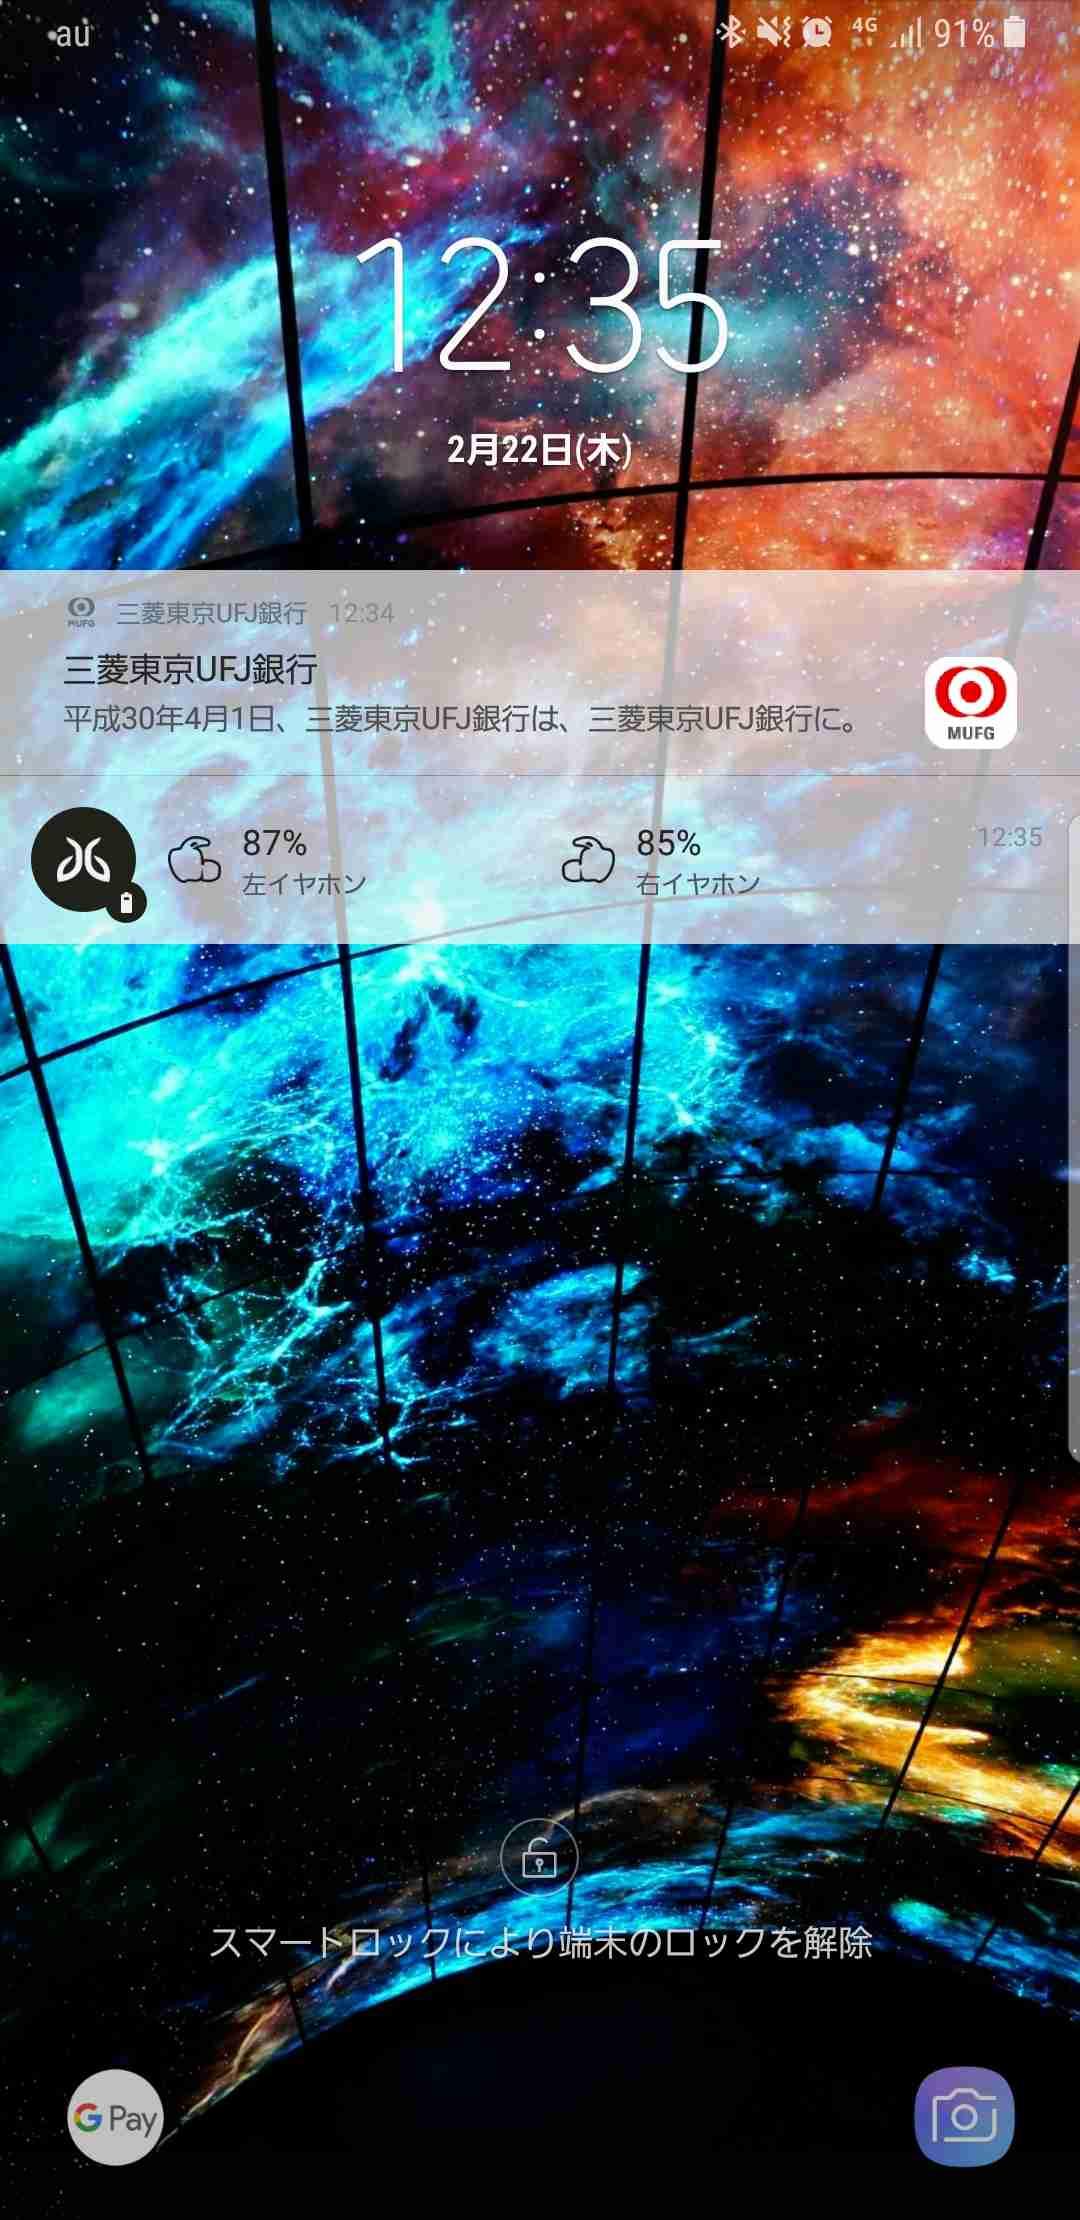 「三菱東京UFJ銀行は、三菱東京UFJ銀行に」 スマホ通知にユーザー困惑 - ITmedia NEWS